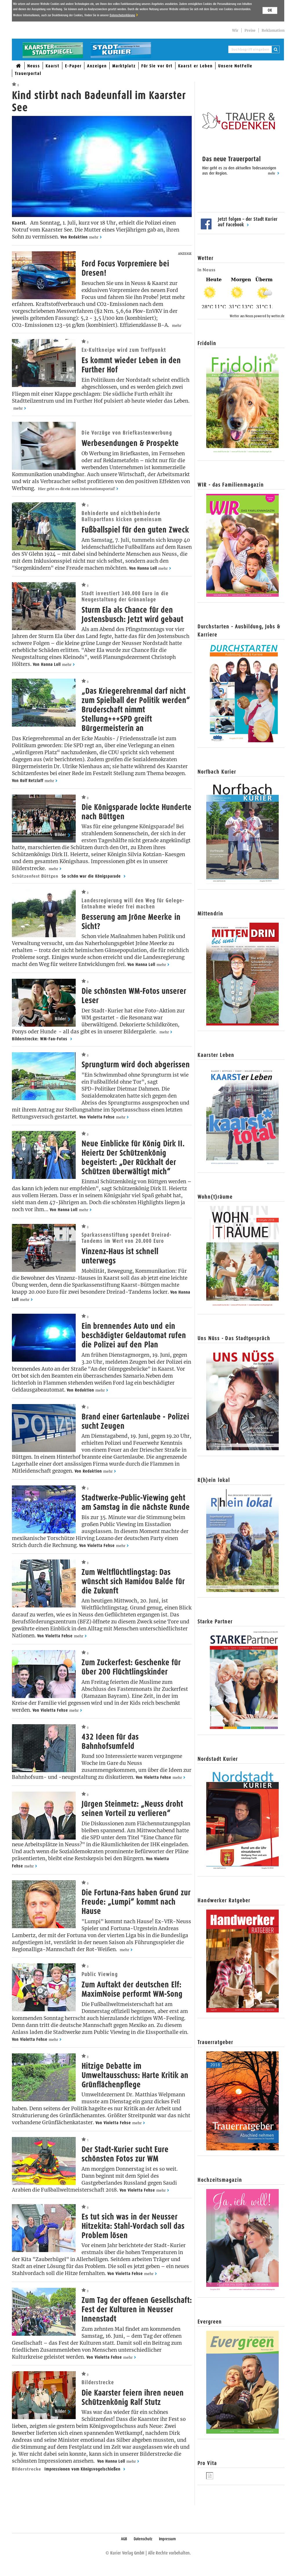 Weihnachtskalender Von Violetta.Kaarster Stadtspiegel Competitors Revenue And Employees Owler